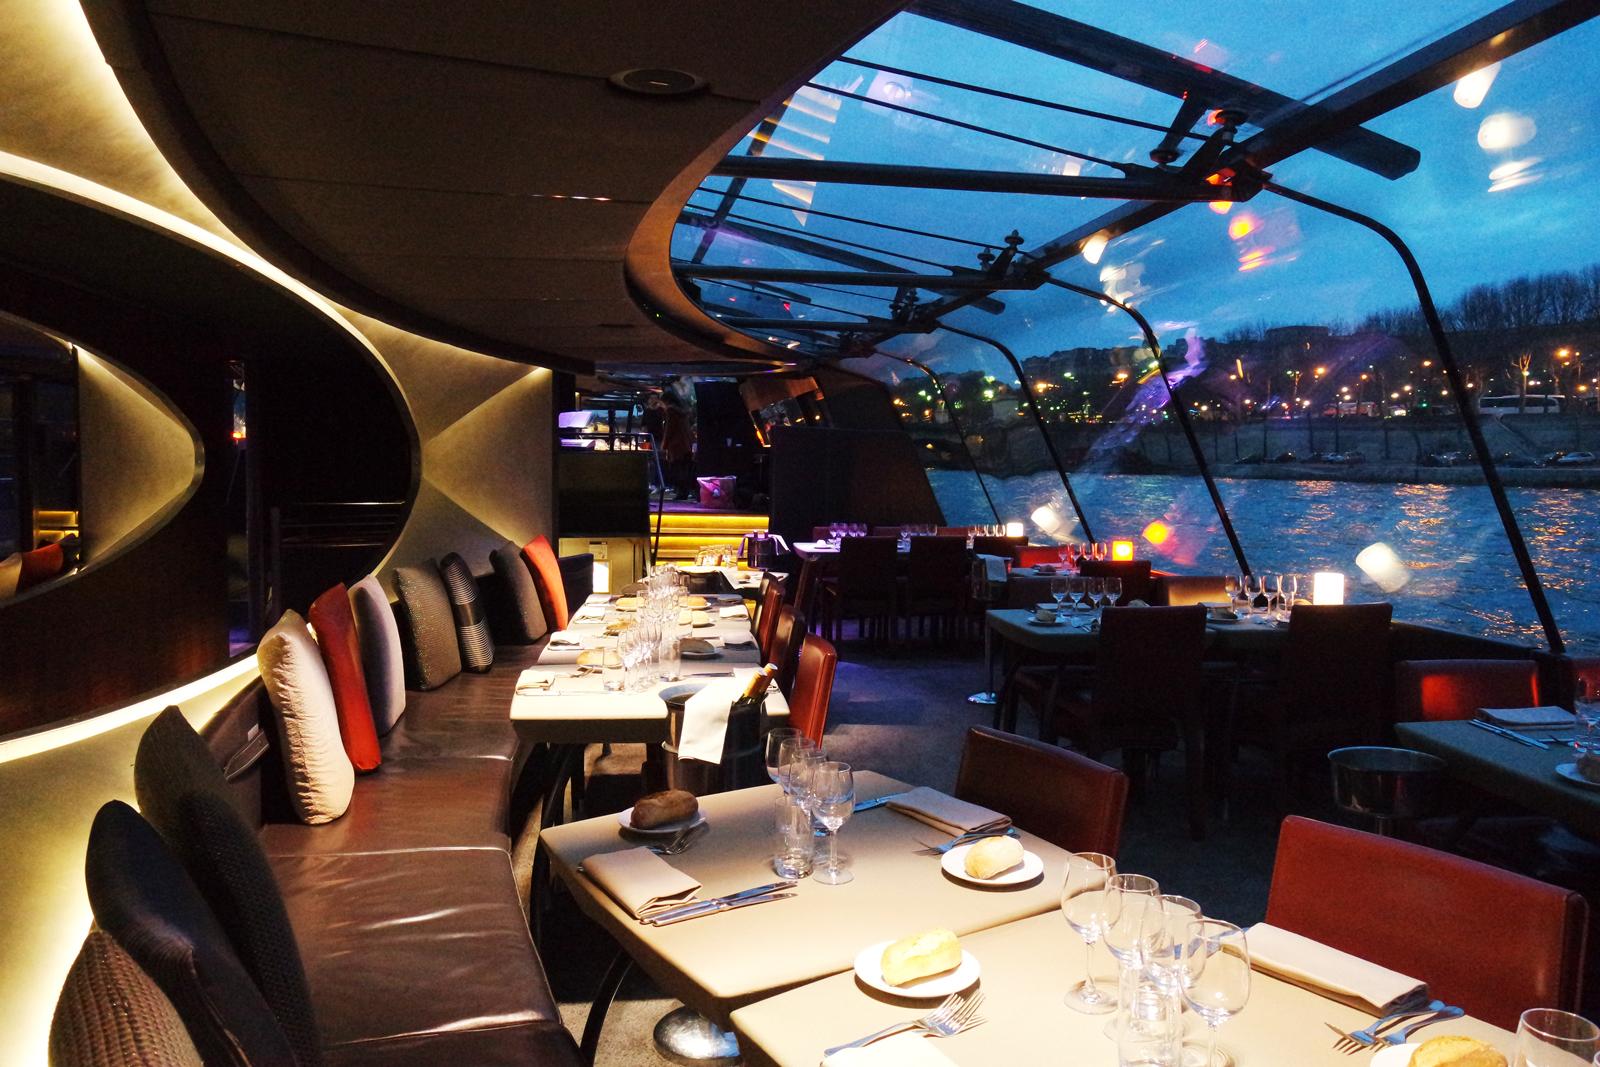 HD wallpapers interieur cuisine restaurant